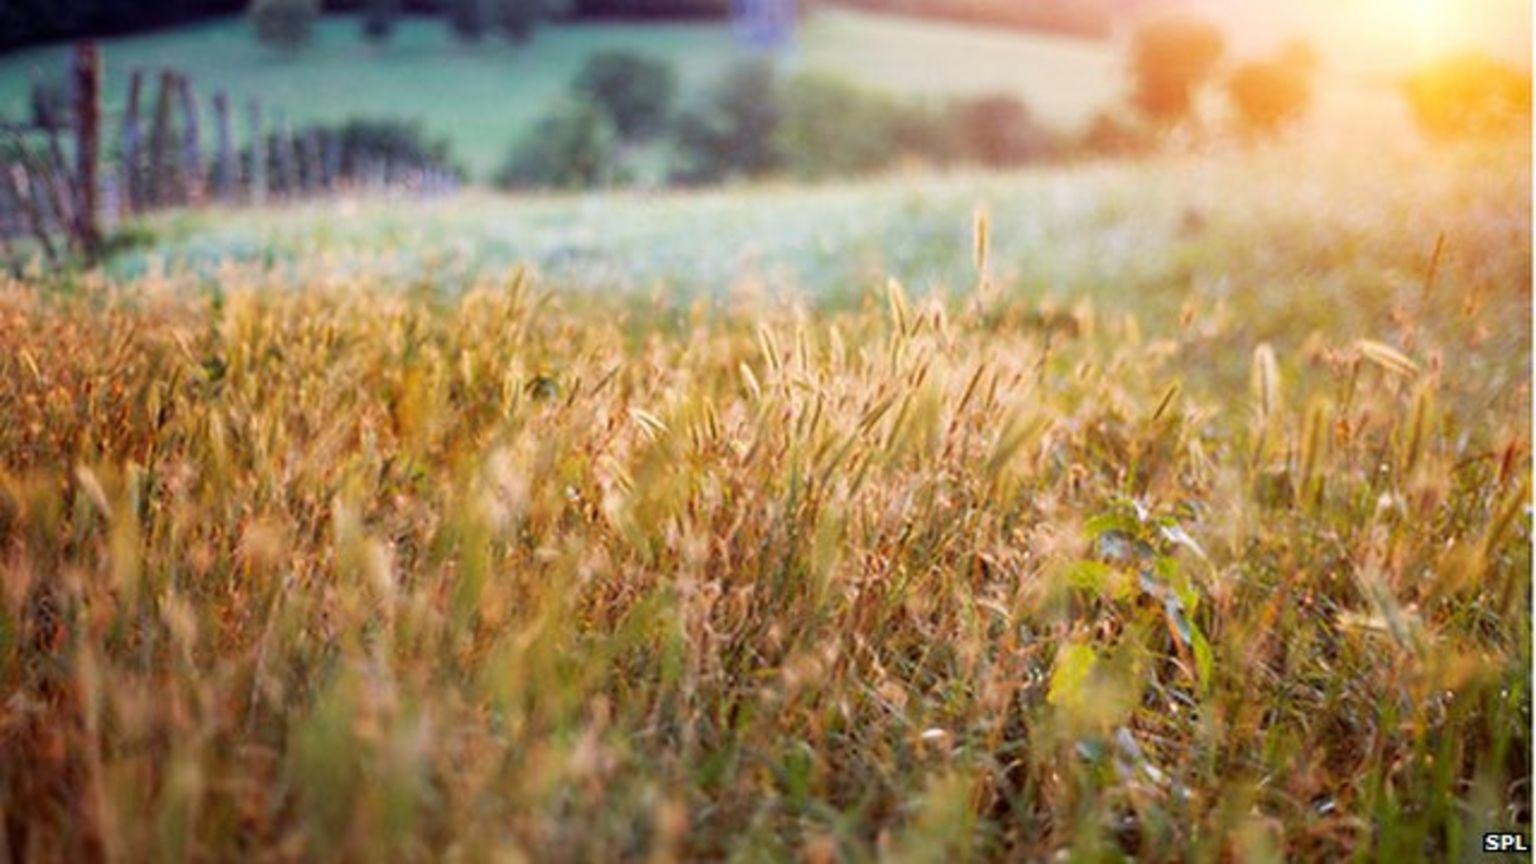 Wheat field, France